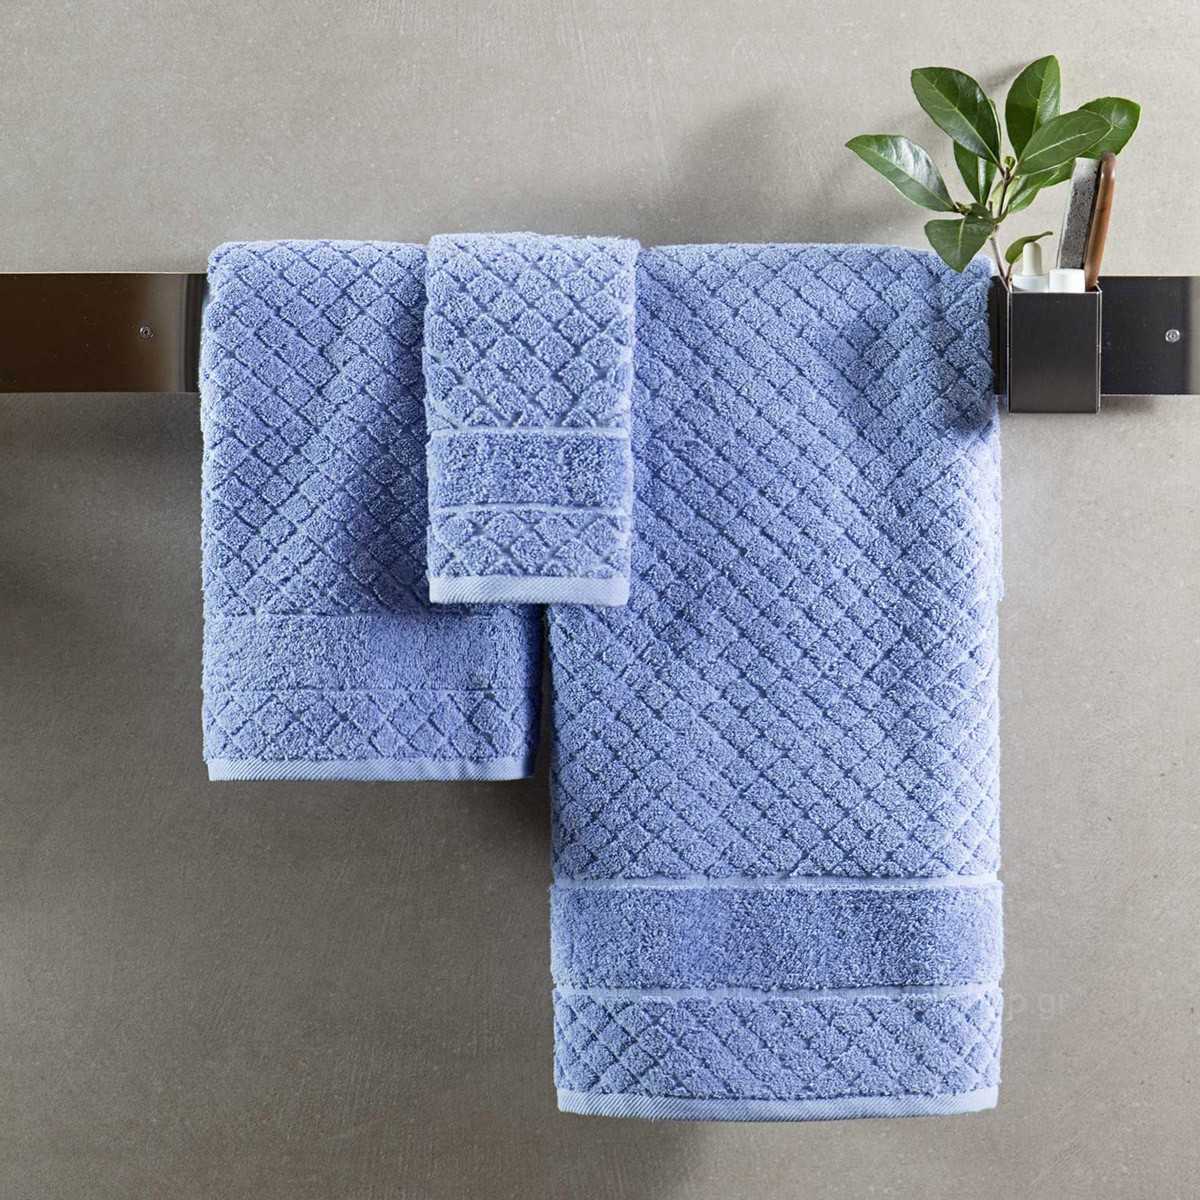 Πετσέτες Μπάνιου (Σετ 3τμχ) Nima Towels Damis